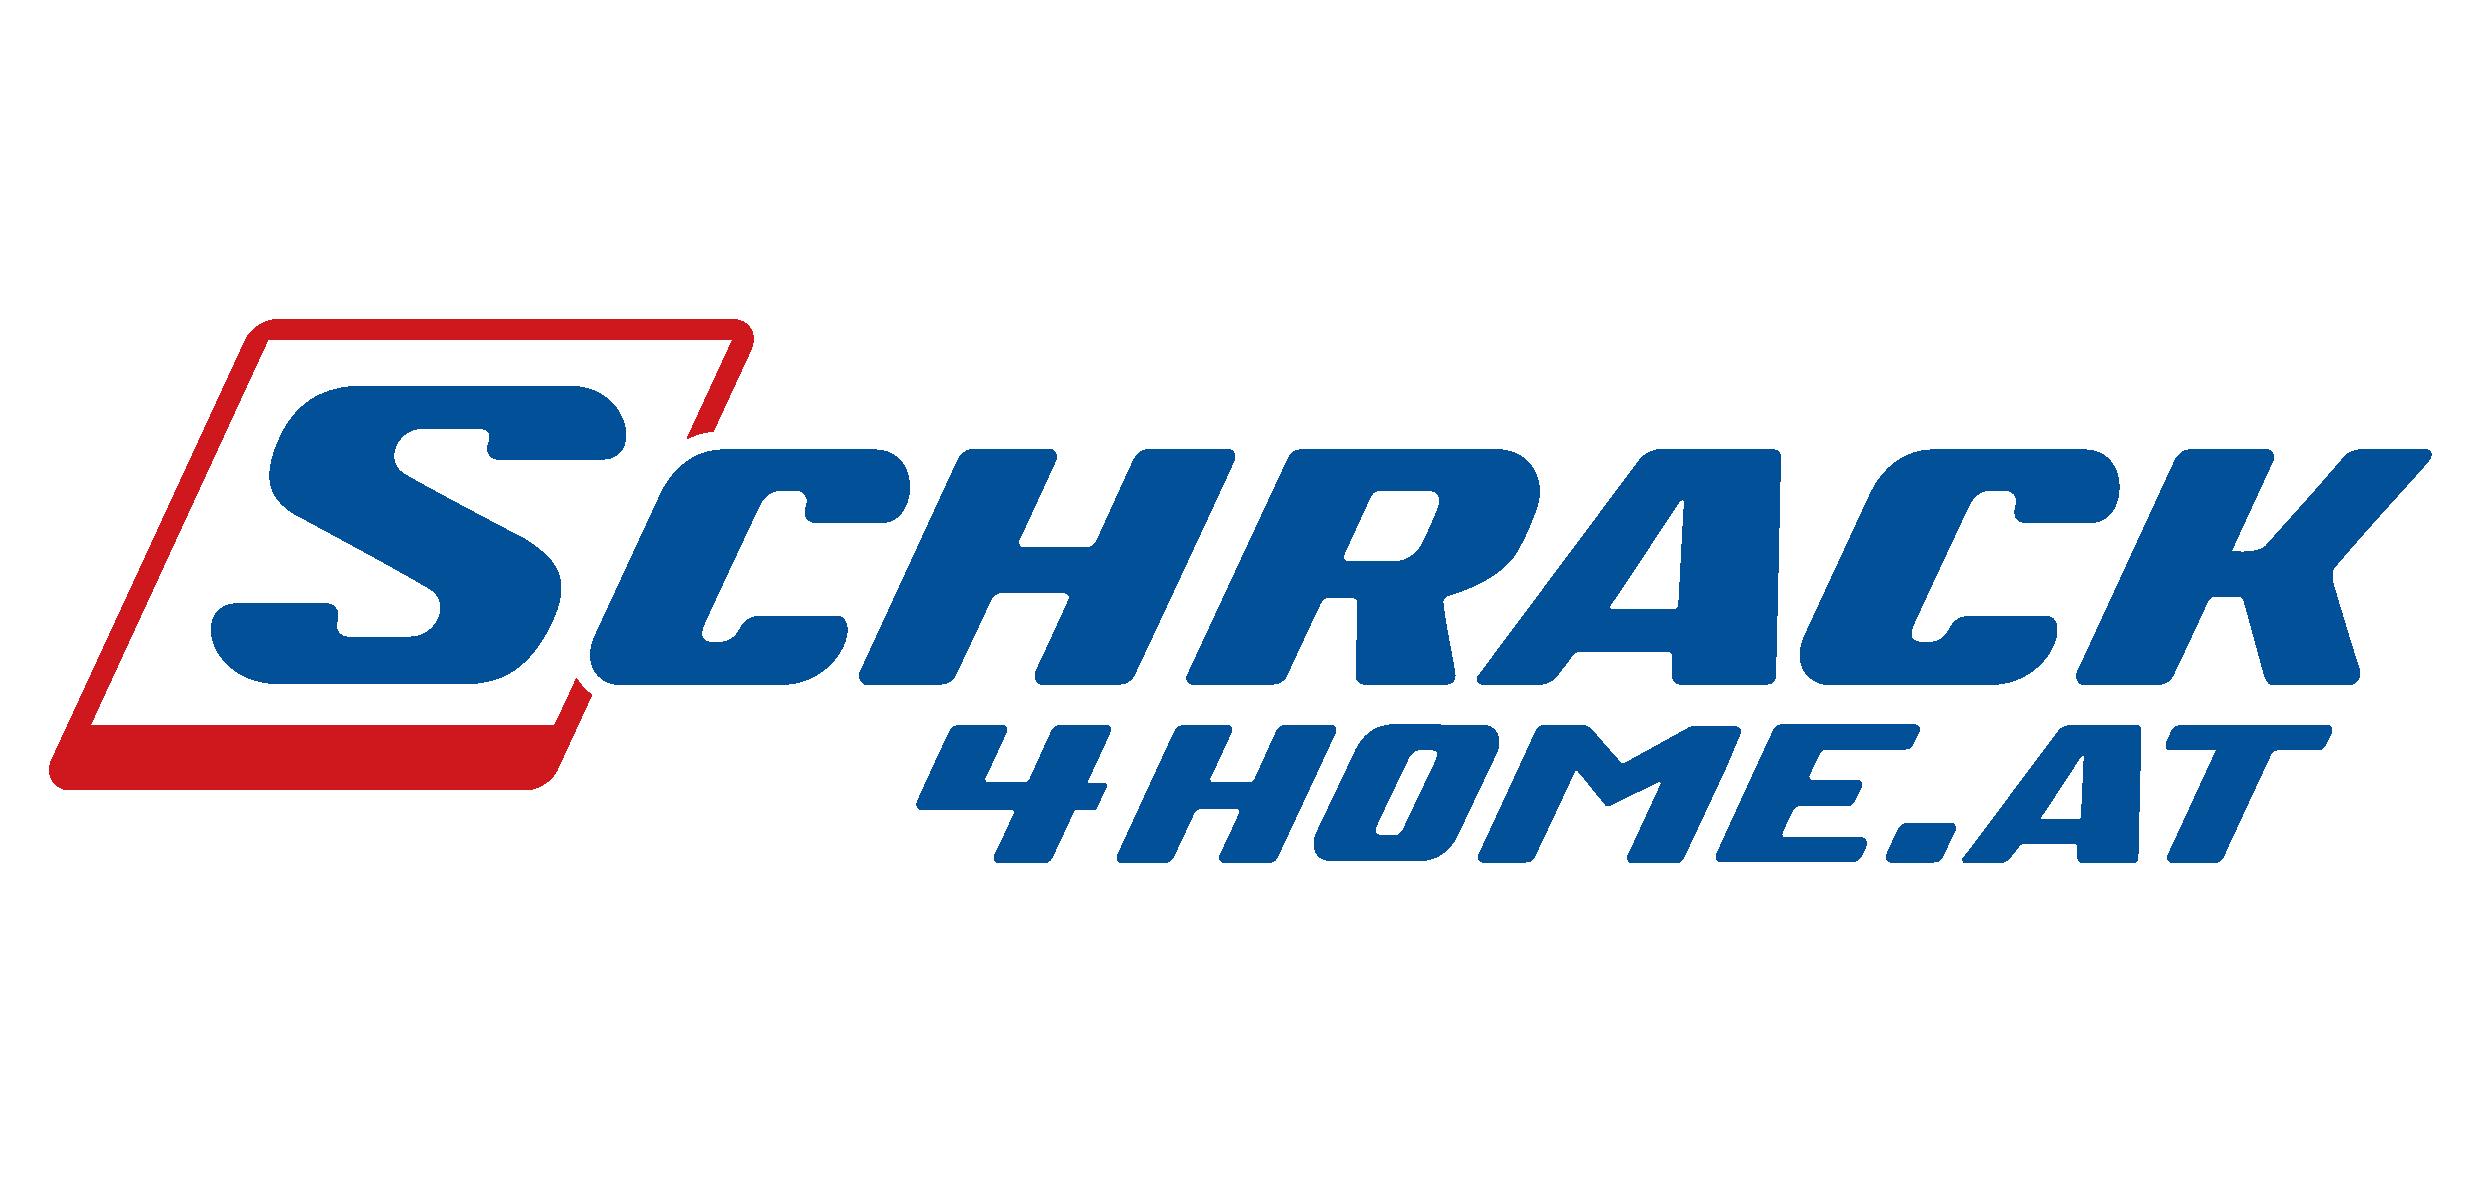 Schrack4home – Die intelligente Stromtankstelle